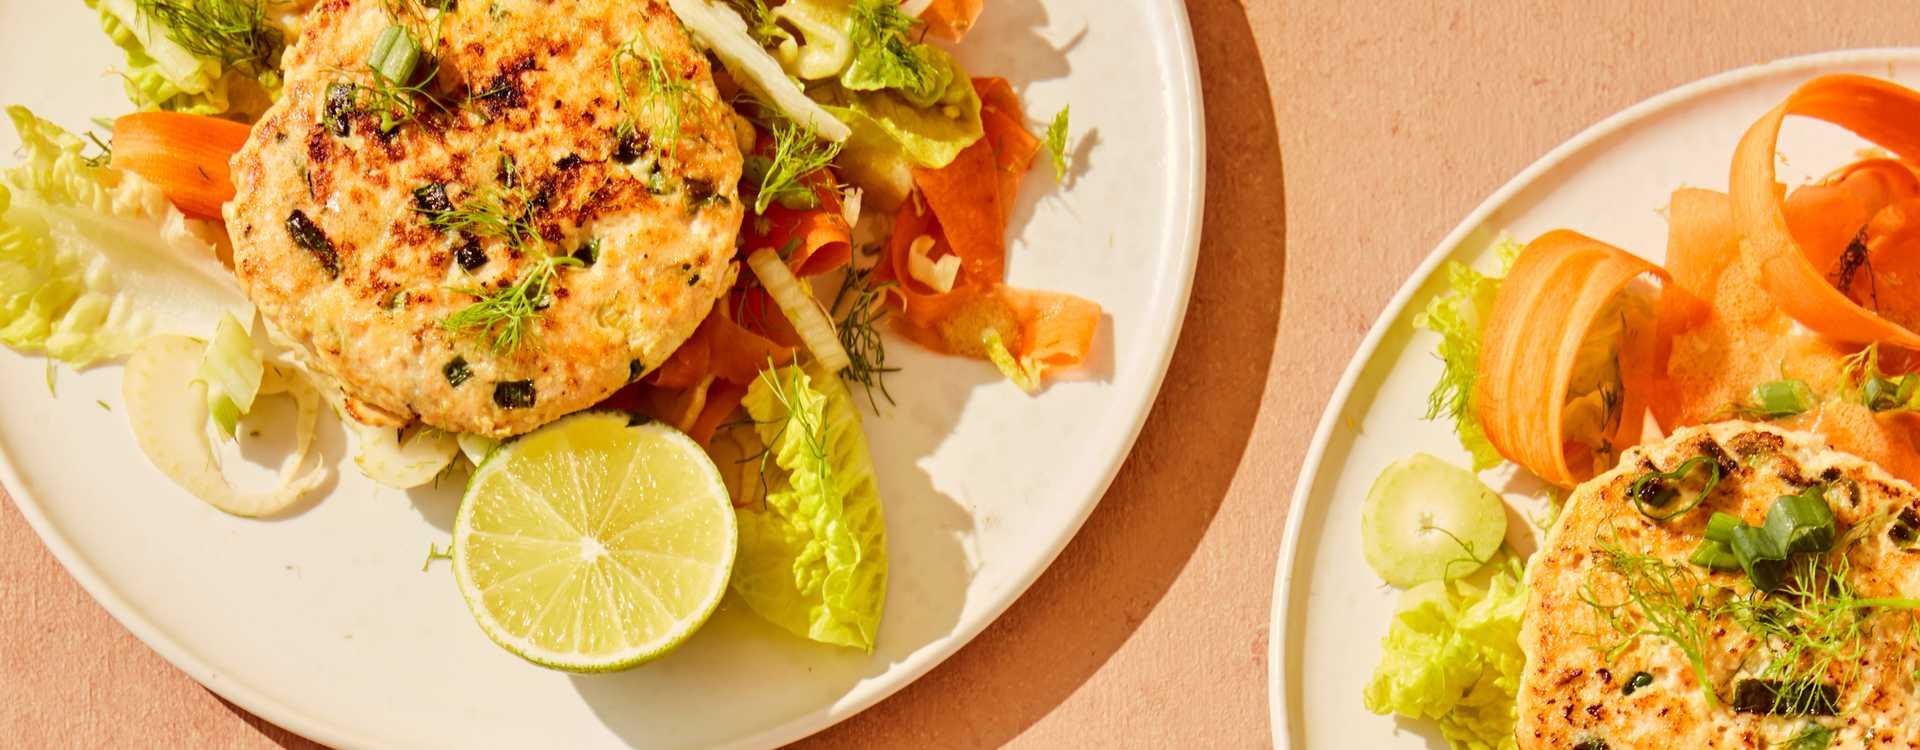 Hjemmelagde fiskekaker med fennikel- og gulrotsalat